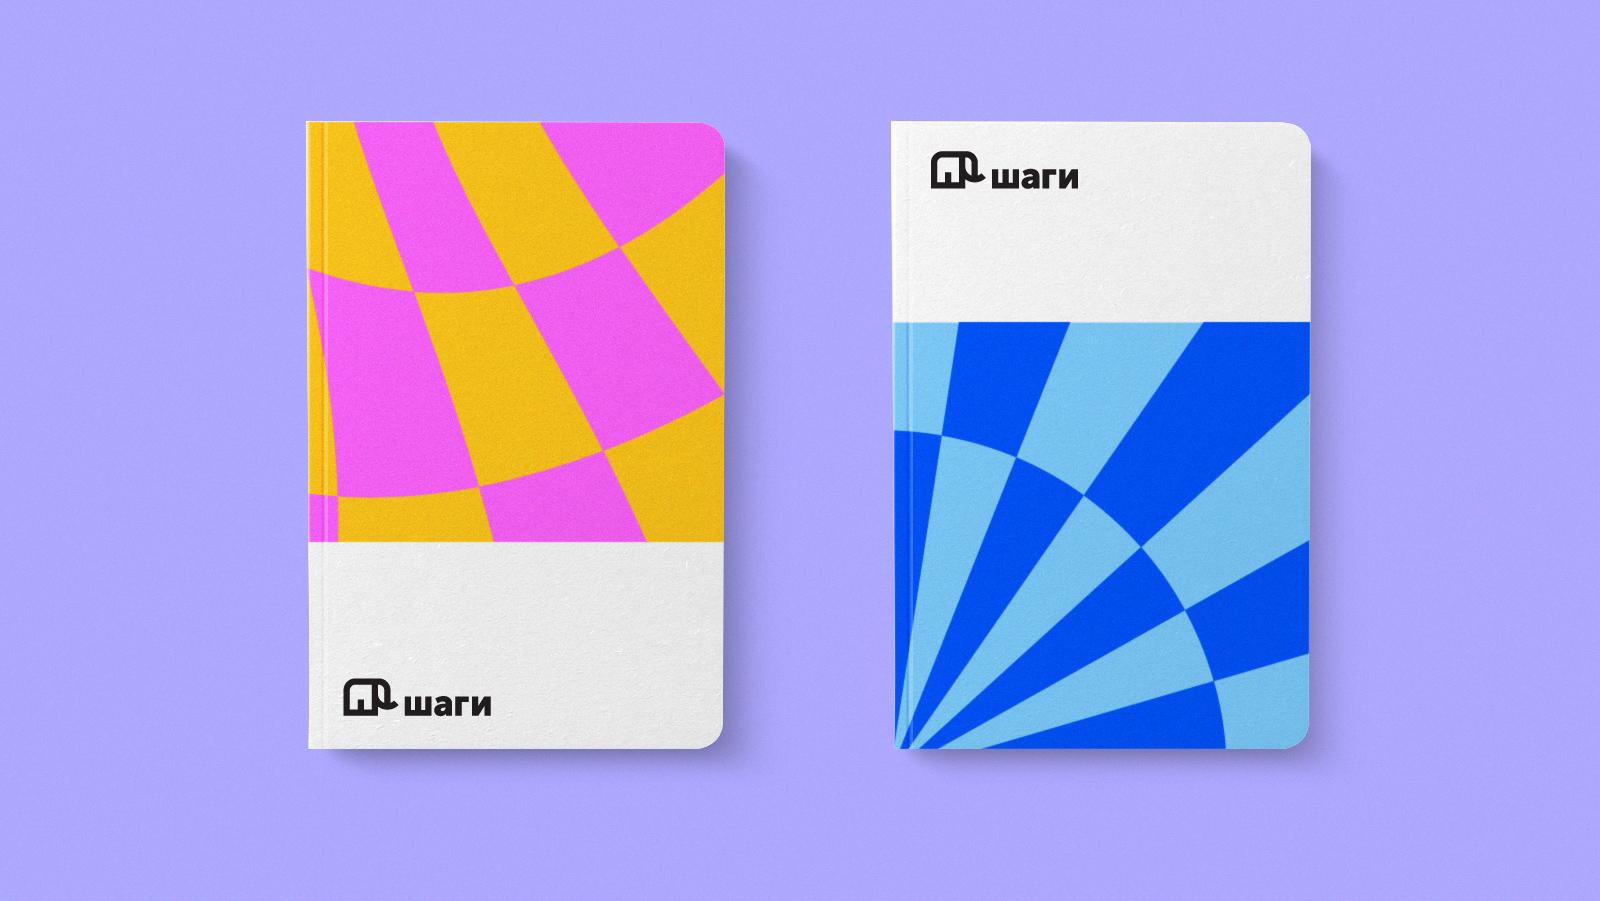 Полный комплекс работ по созданию бренда «Шаги» включает разработку дизайна логотипа, создание фирменного стиля, брендбук, дизайн рекламы и дизайн двух сайтов.